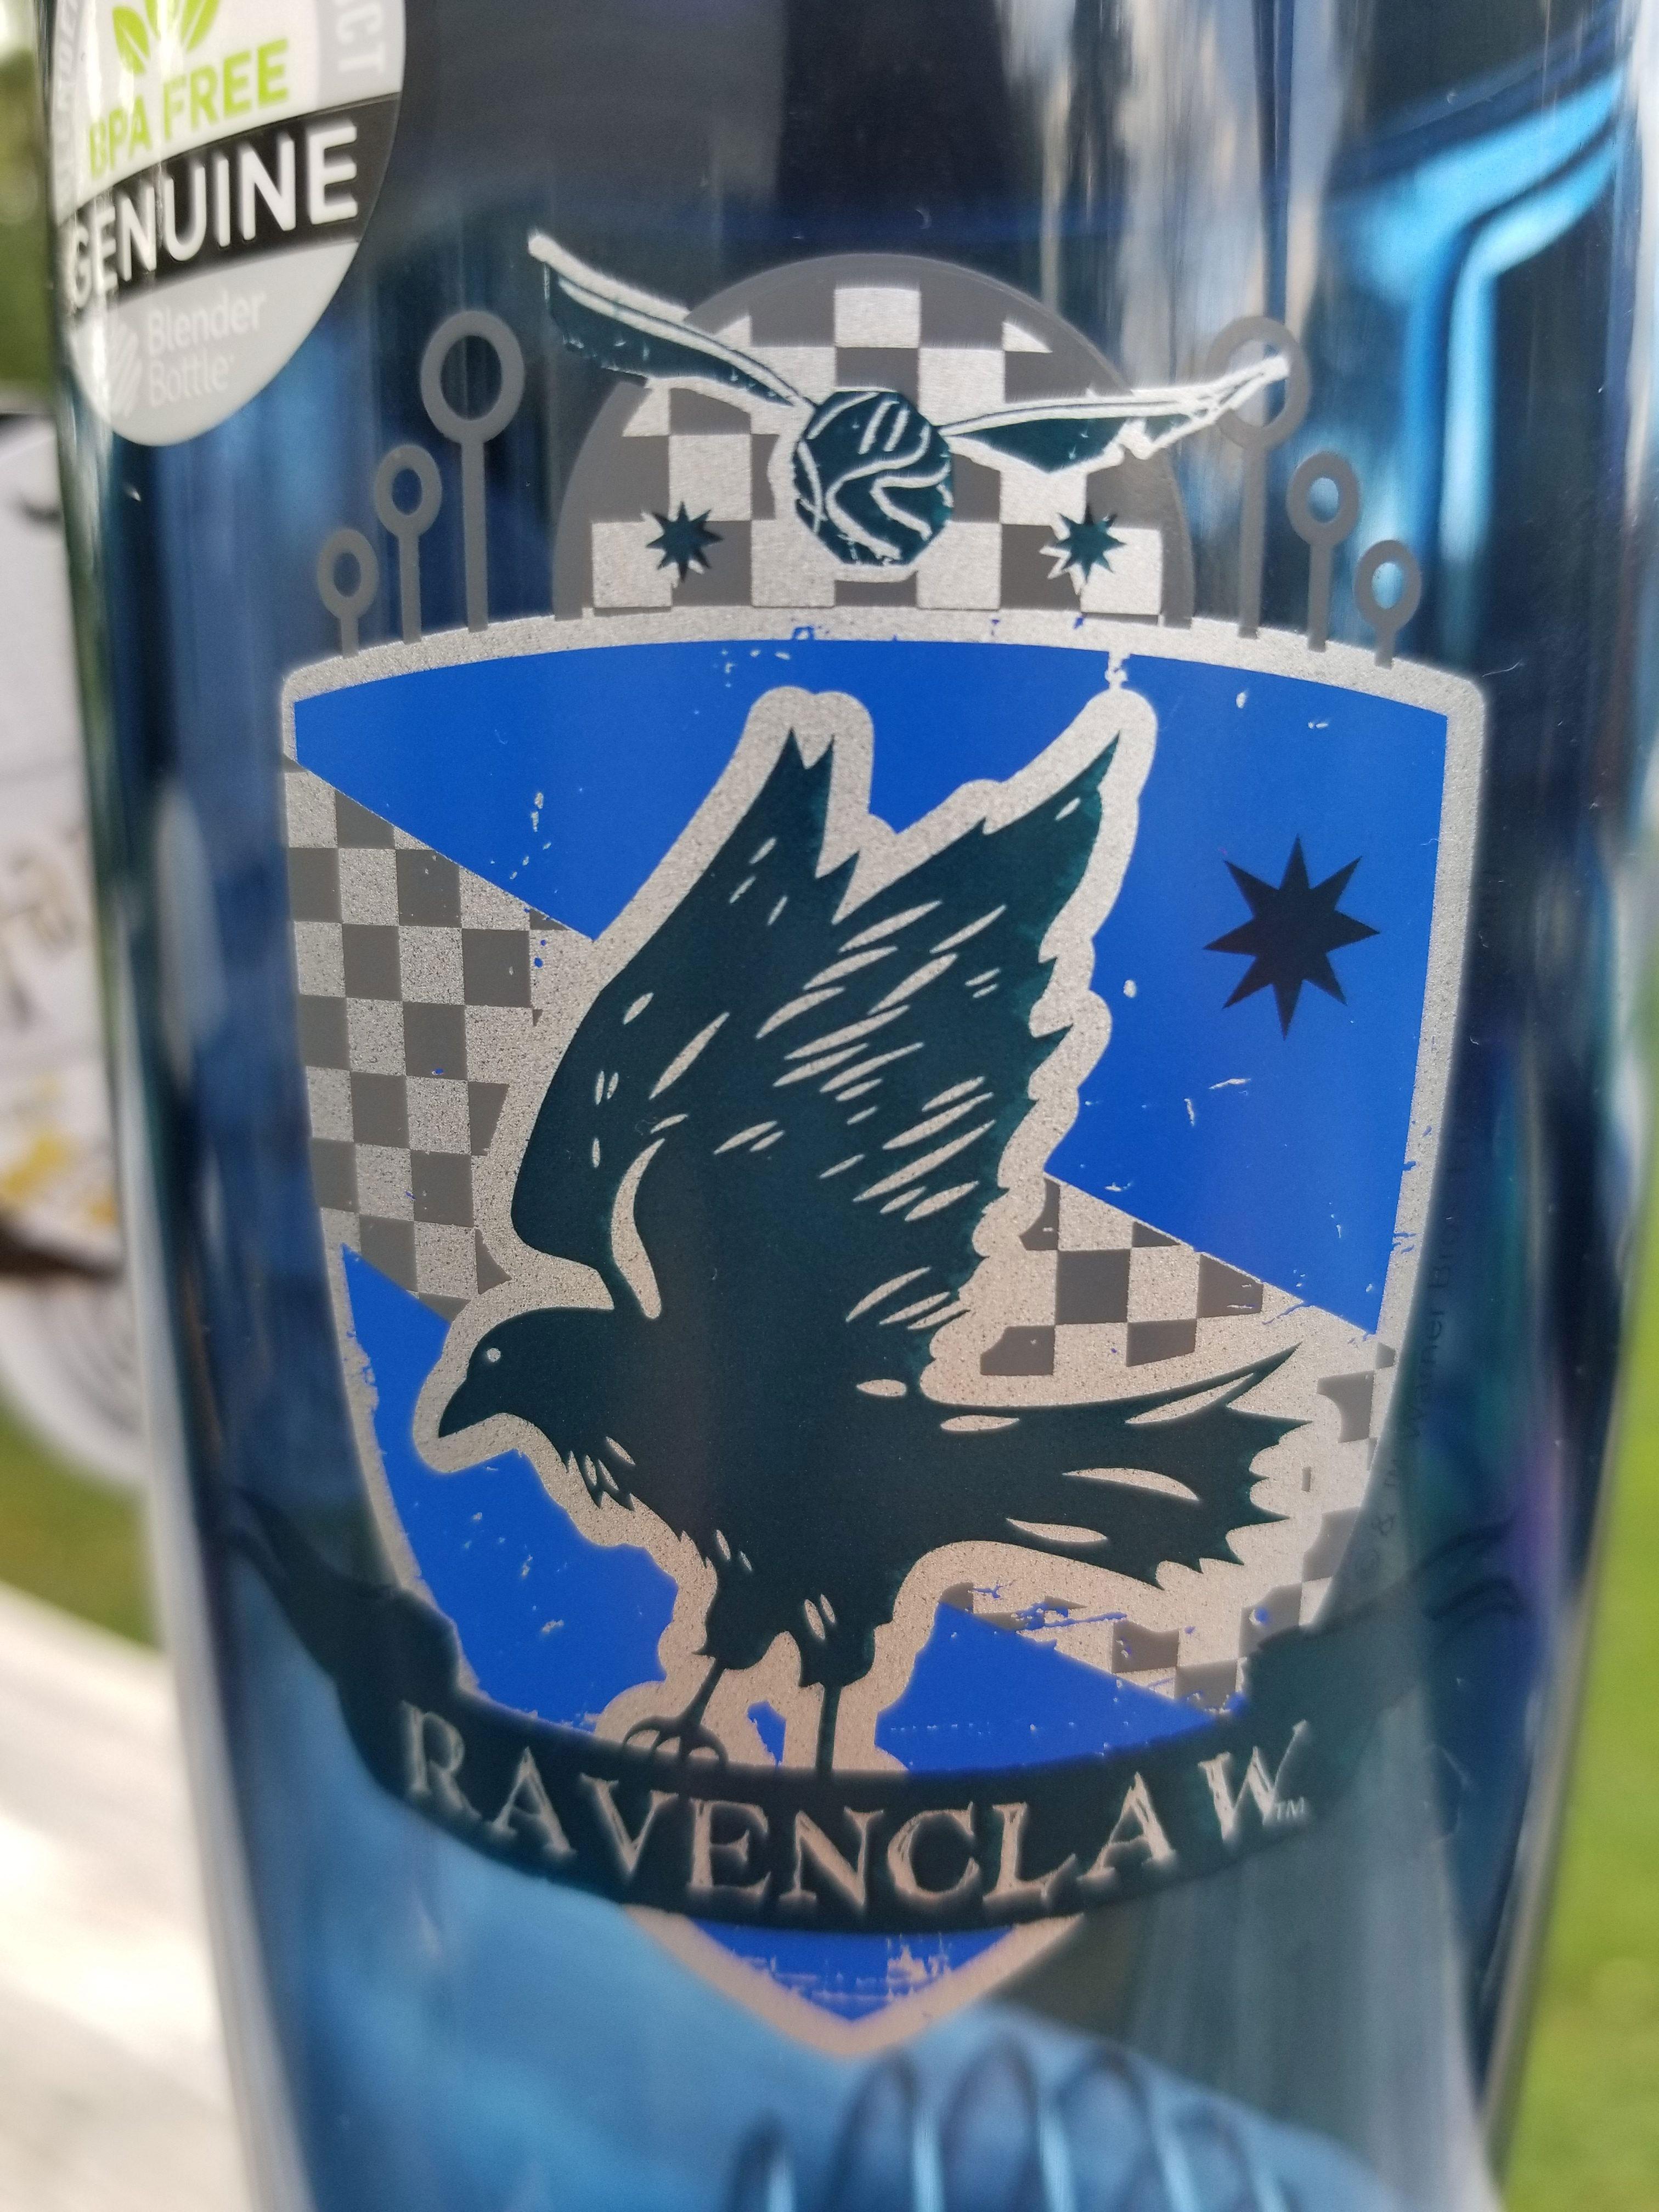 Ravenclaw BlenderBottle decal close-up